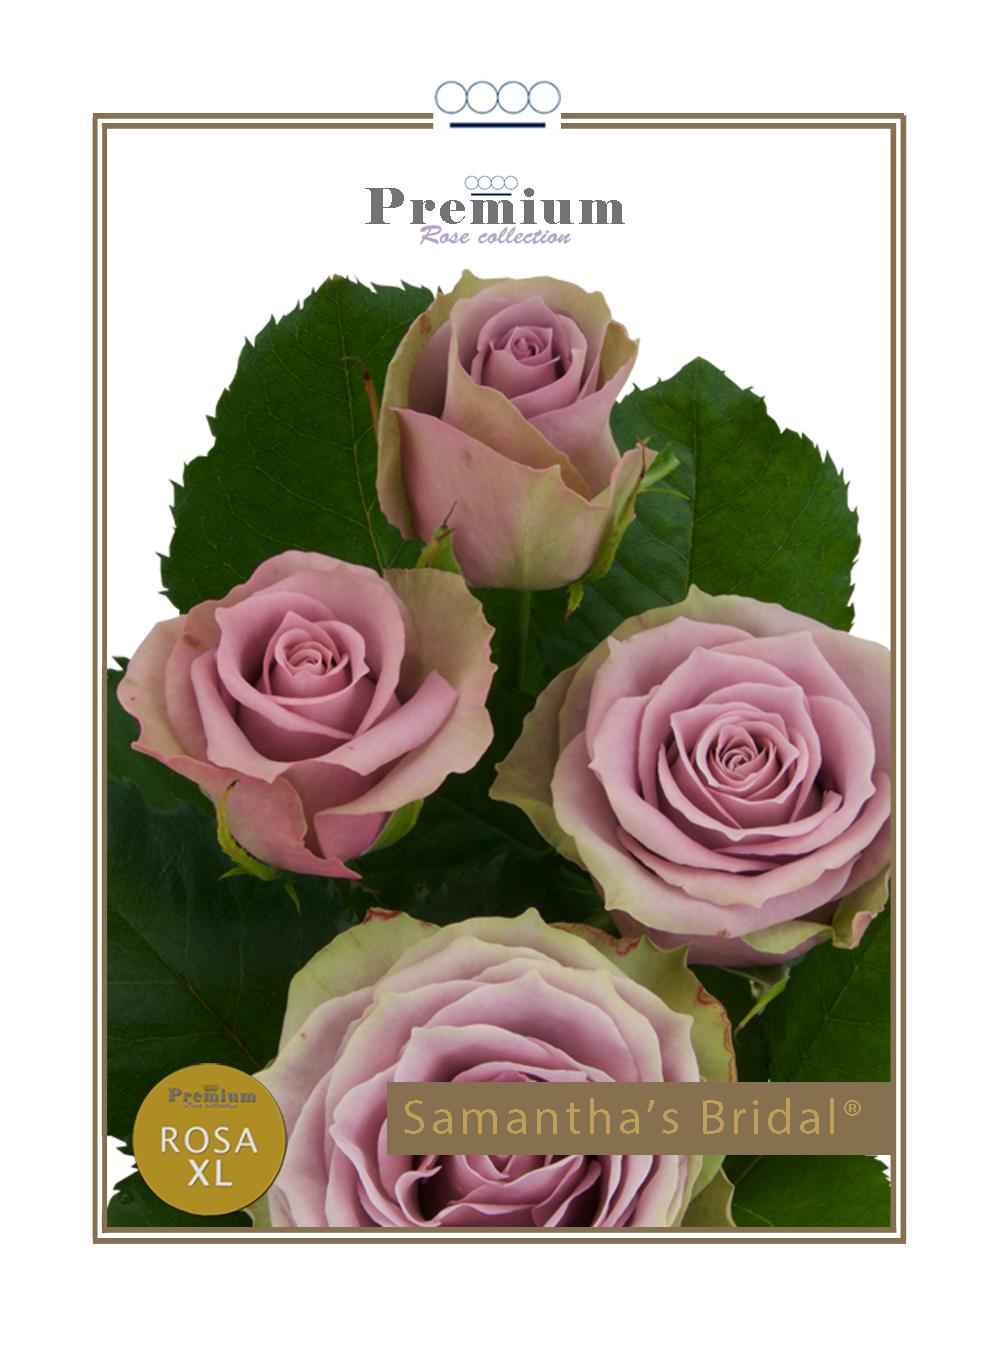 Samantha's Bridal®